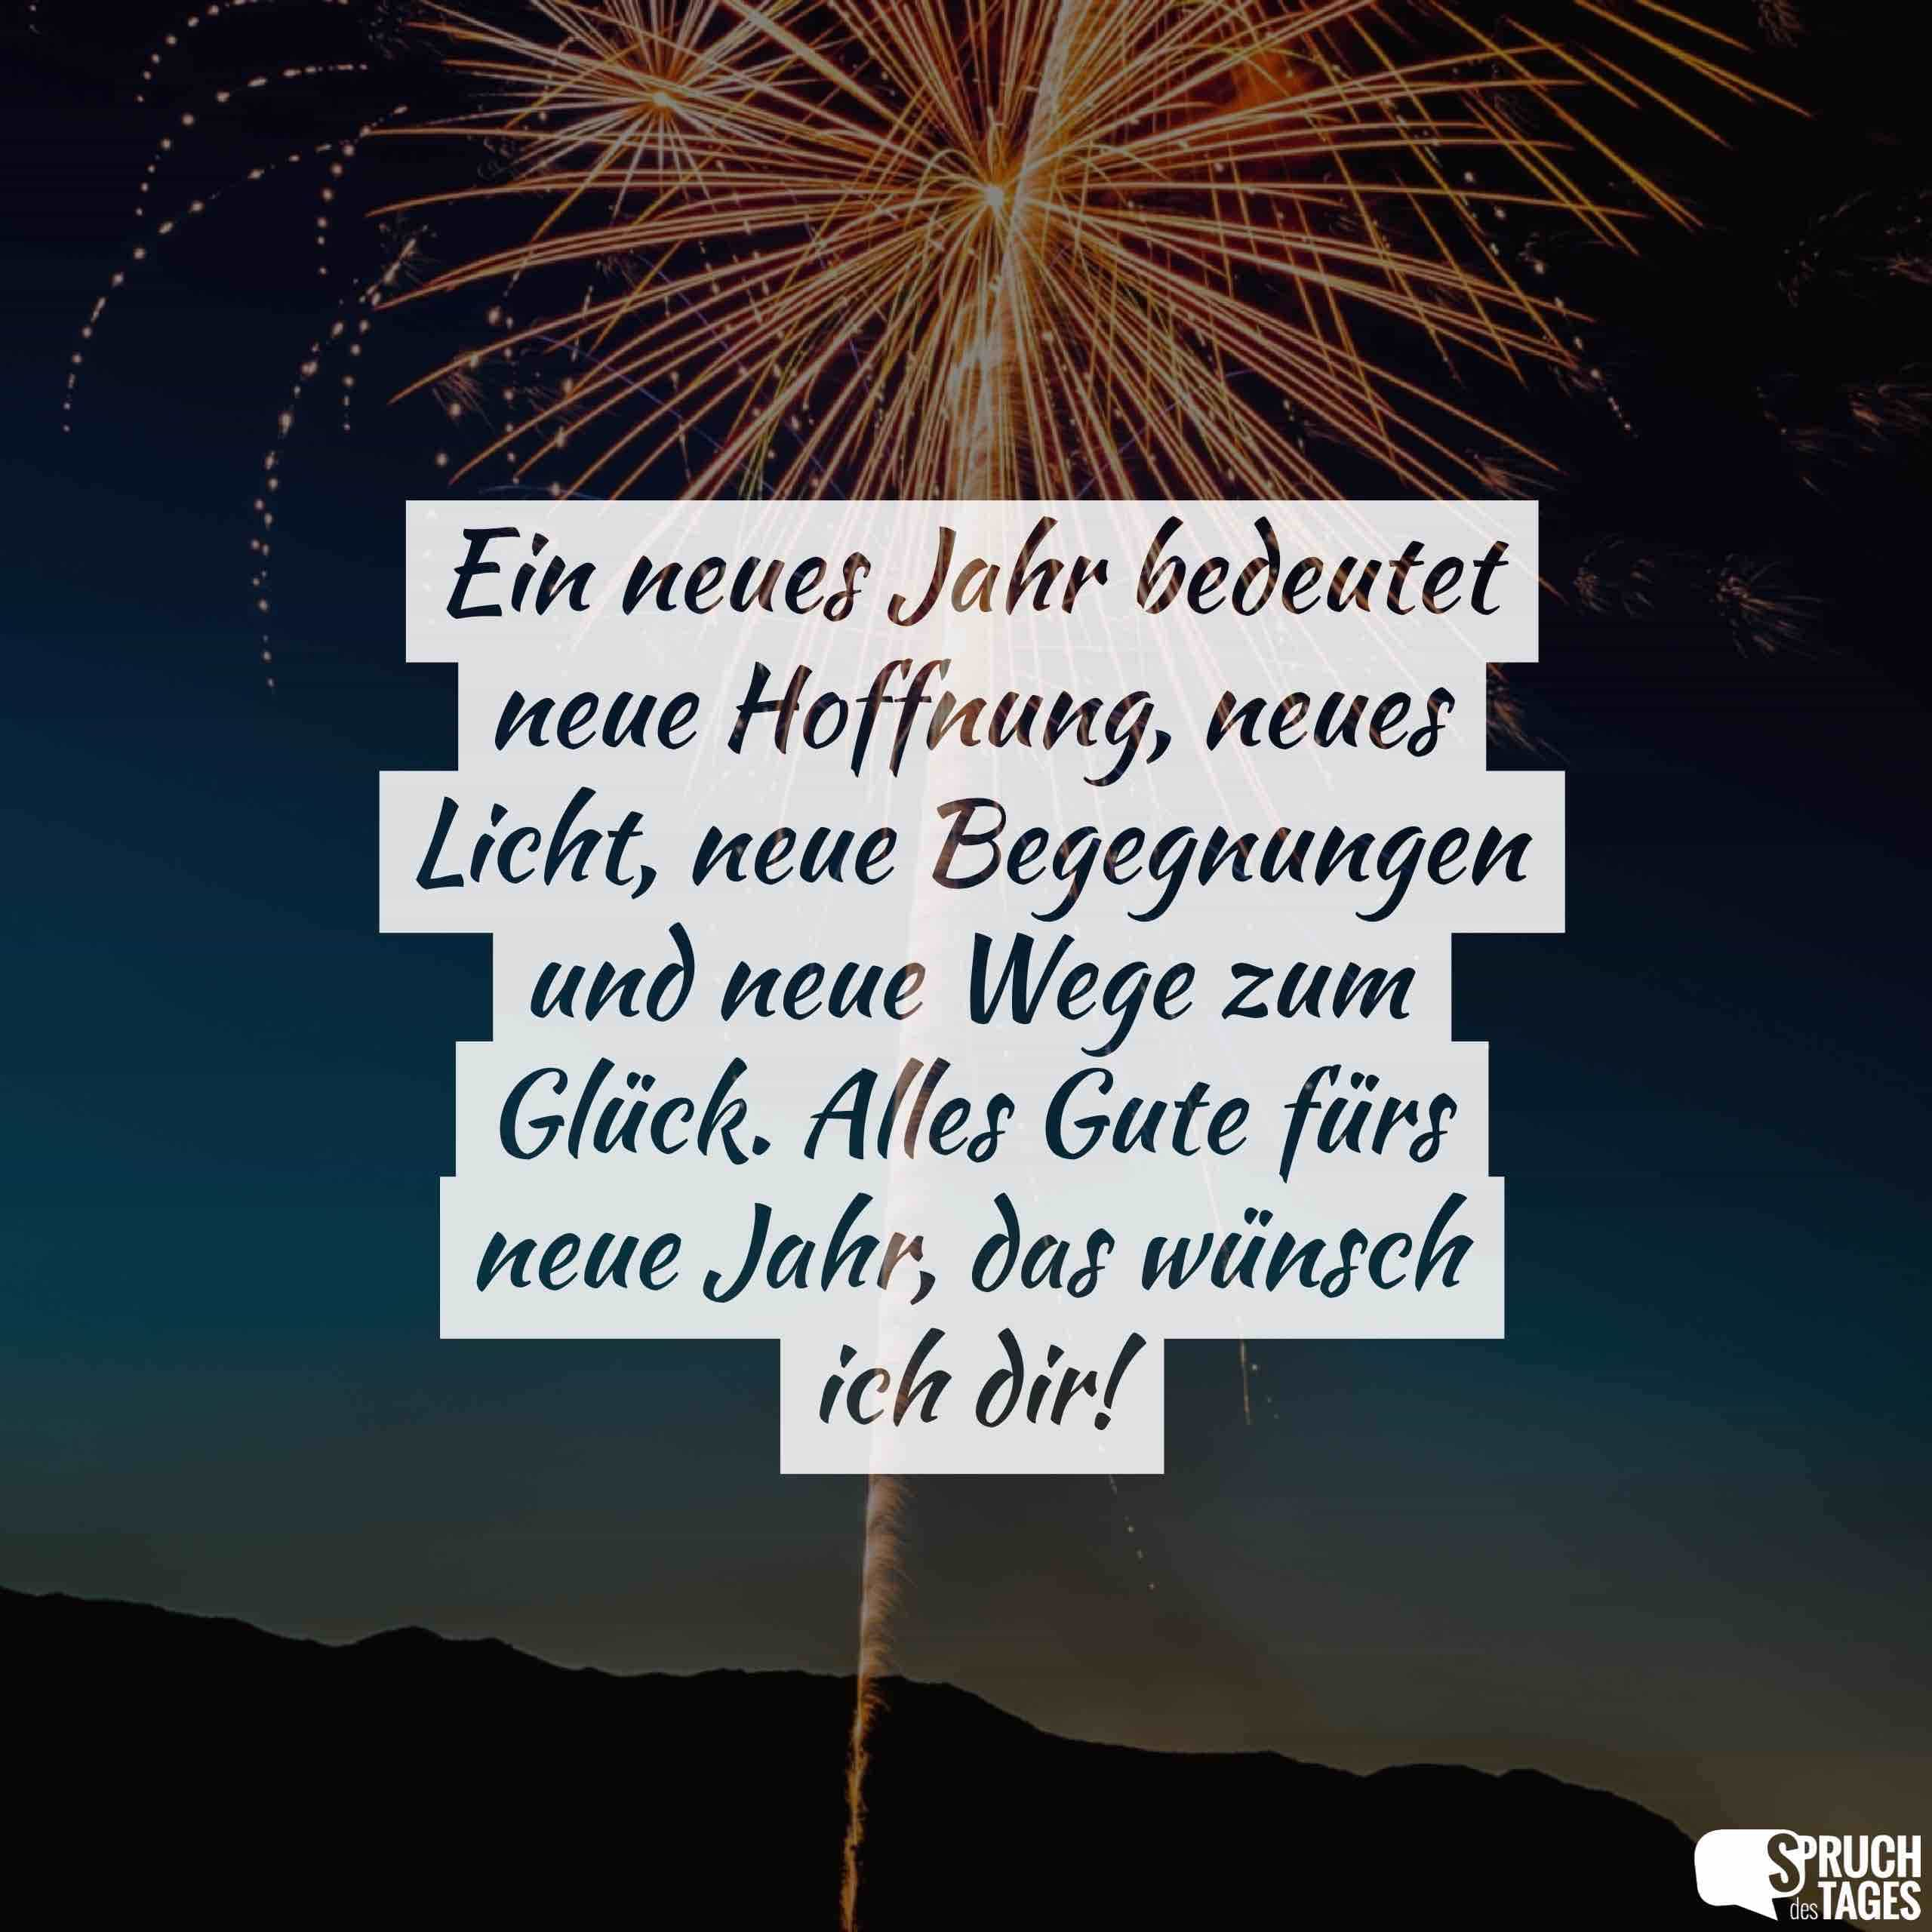 neues jahr neues glück sprüche Ein neues Jahr bedeutet neue Hoffnung, neues Licht, neue  neues jahr neues glück sprüche